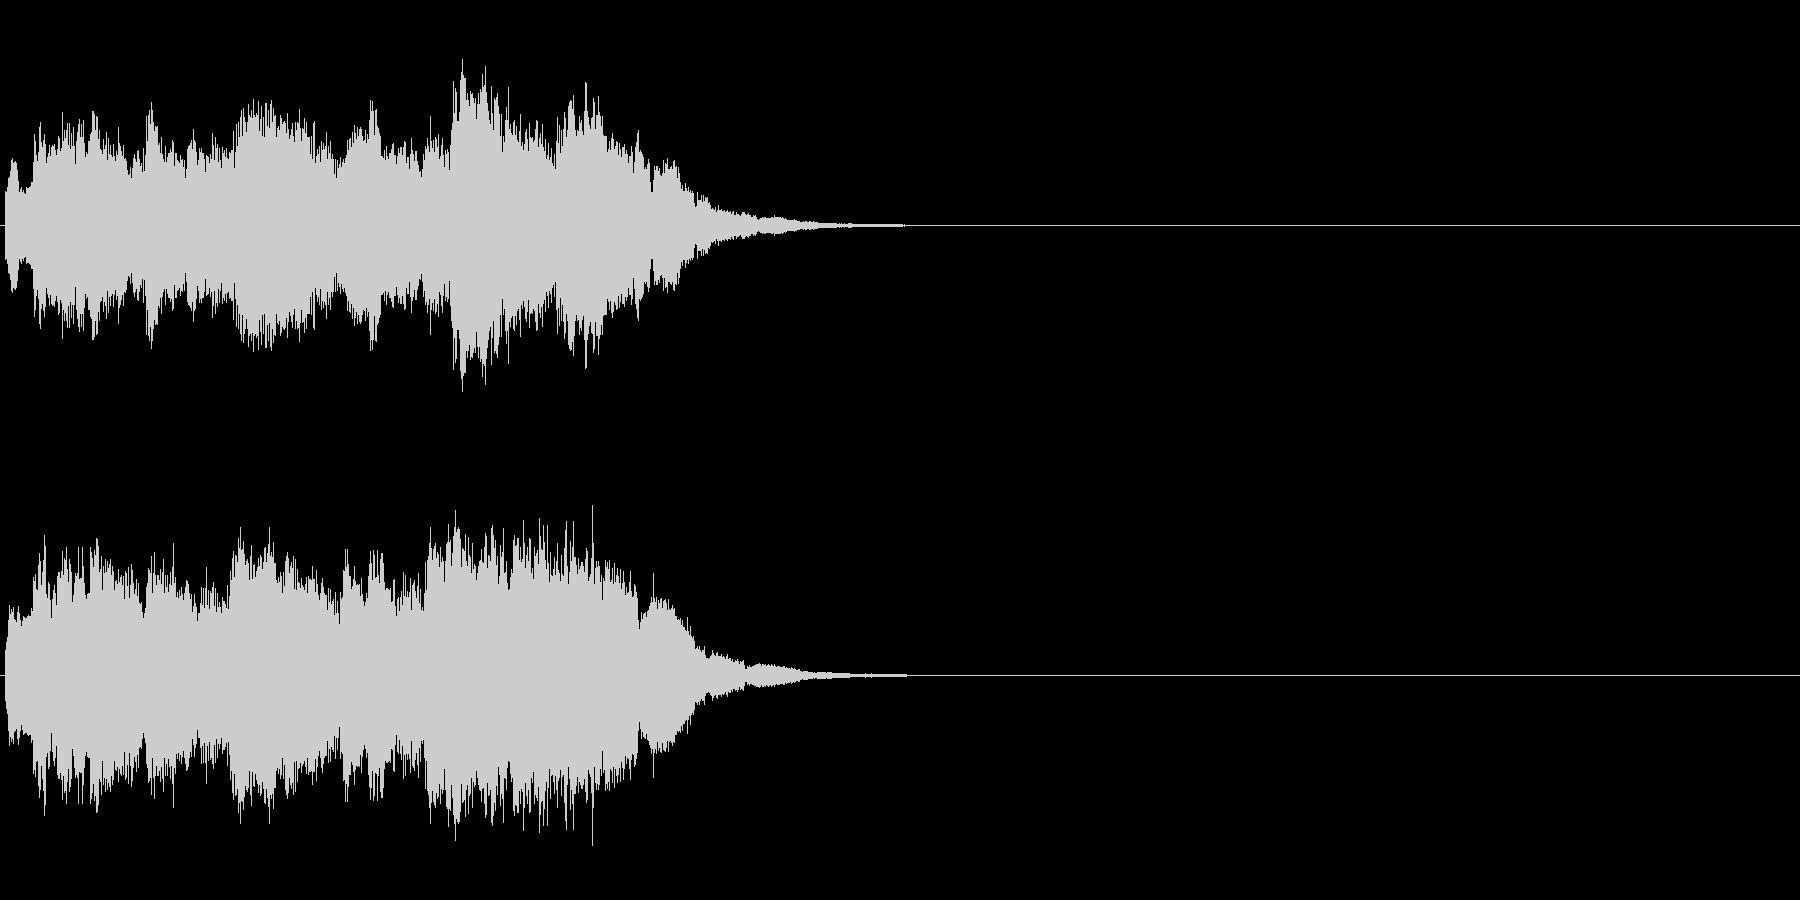 綺麗なクリスタルアルペジオのキラキラキ…の未再生の波形